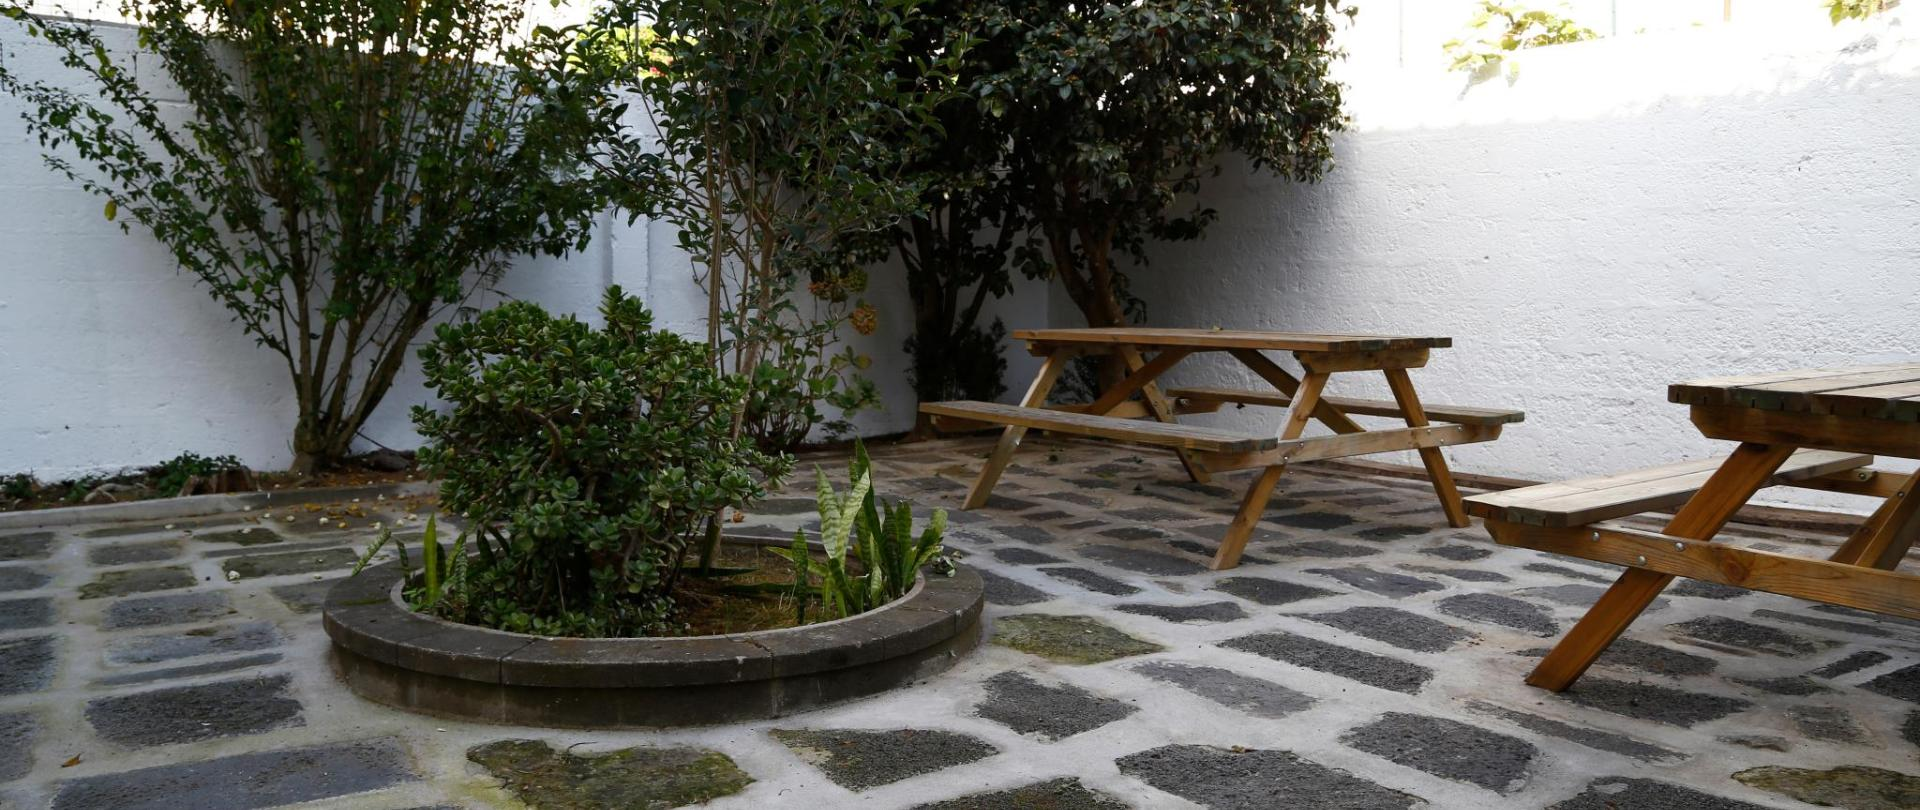 Outdoor common area - City's Hostel Ponta Delgada (6) .jpg